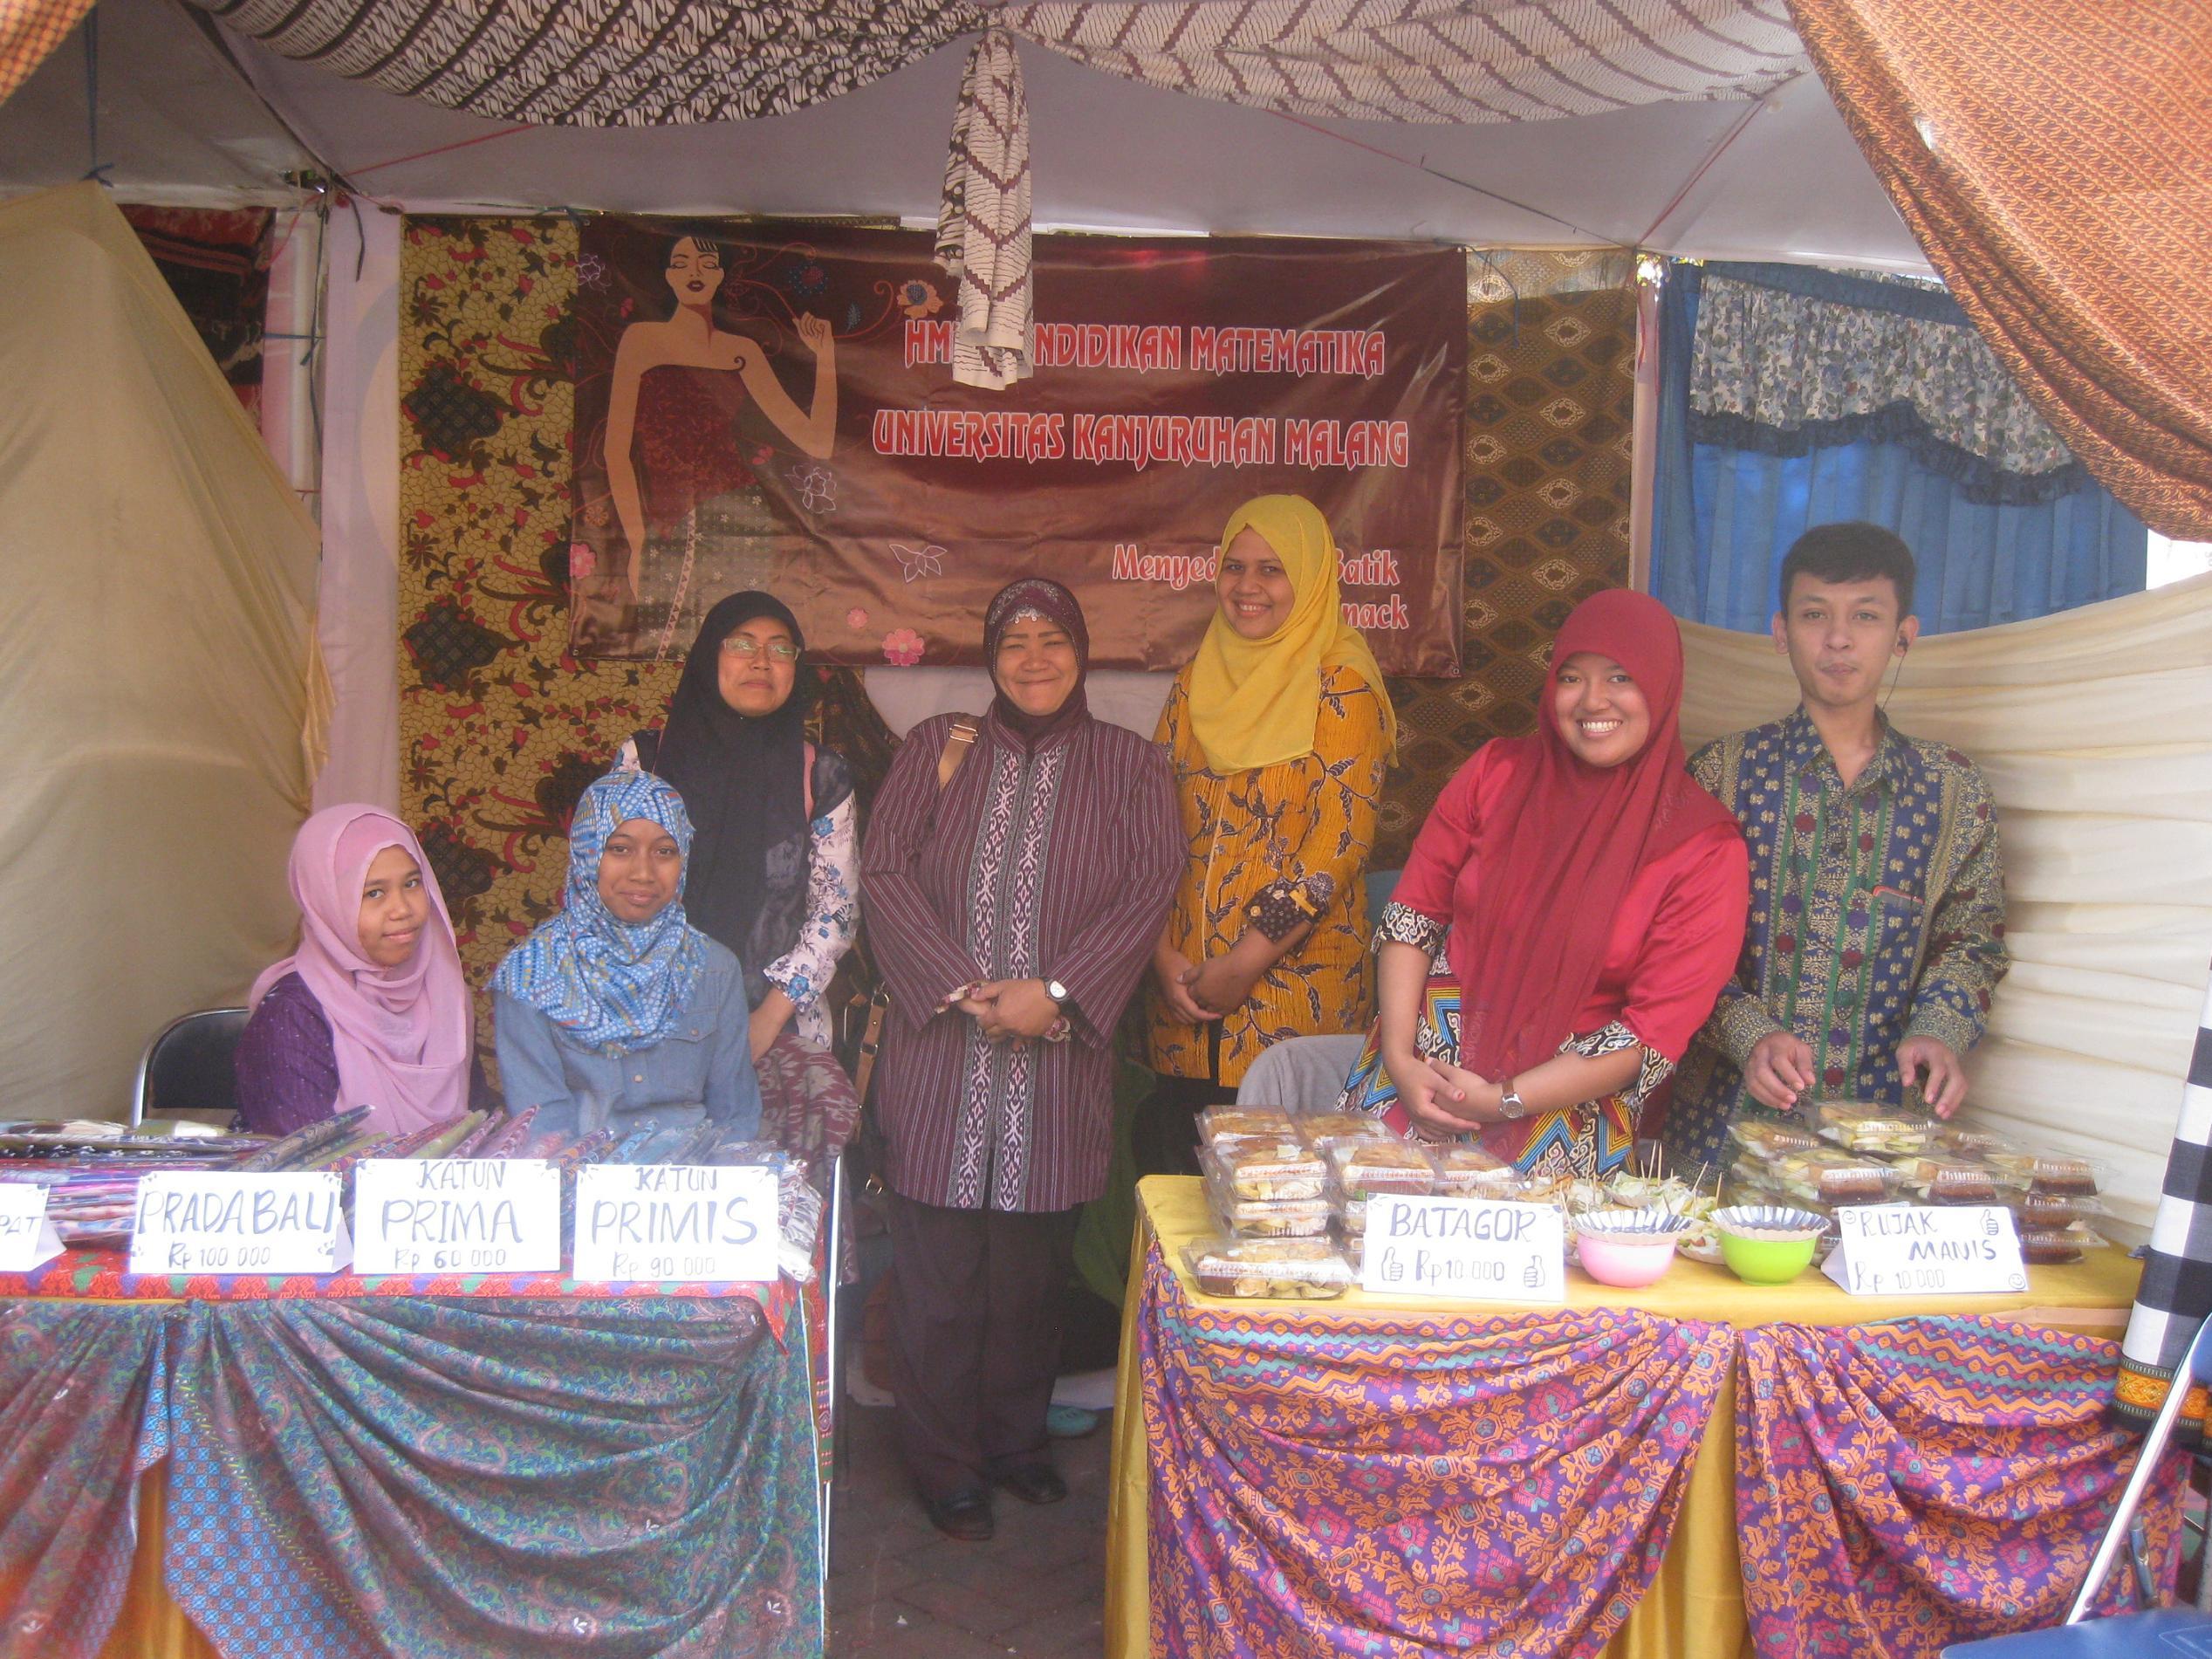 Festival Budaya Universitas Kanjuruhan Malang dalam Rangka Dies Natalis ke 40